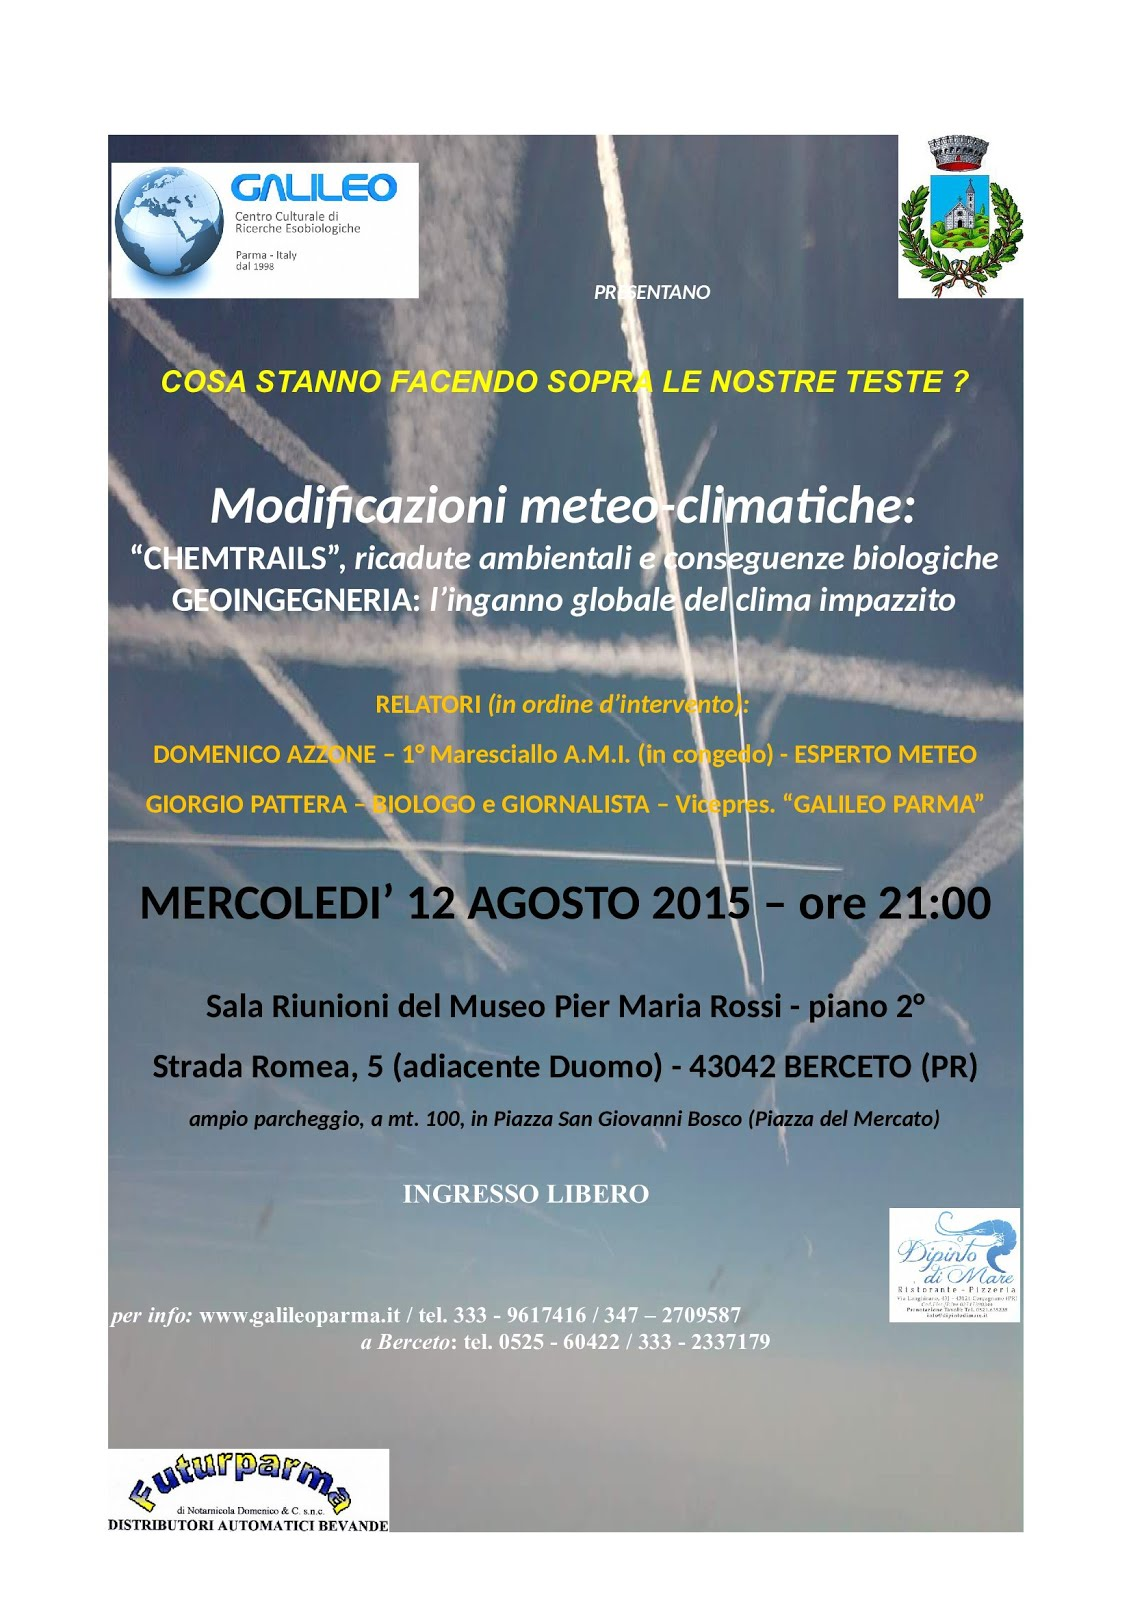 MODIFICAZIONI METEO-CLIMATICHE